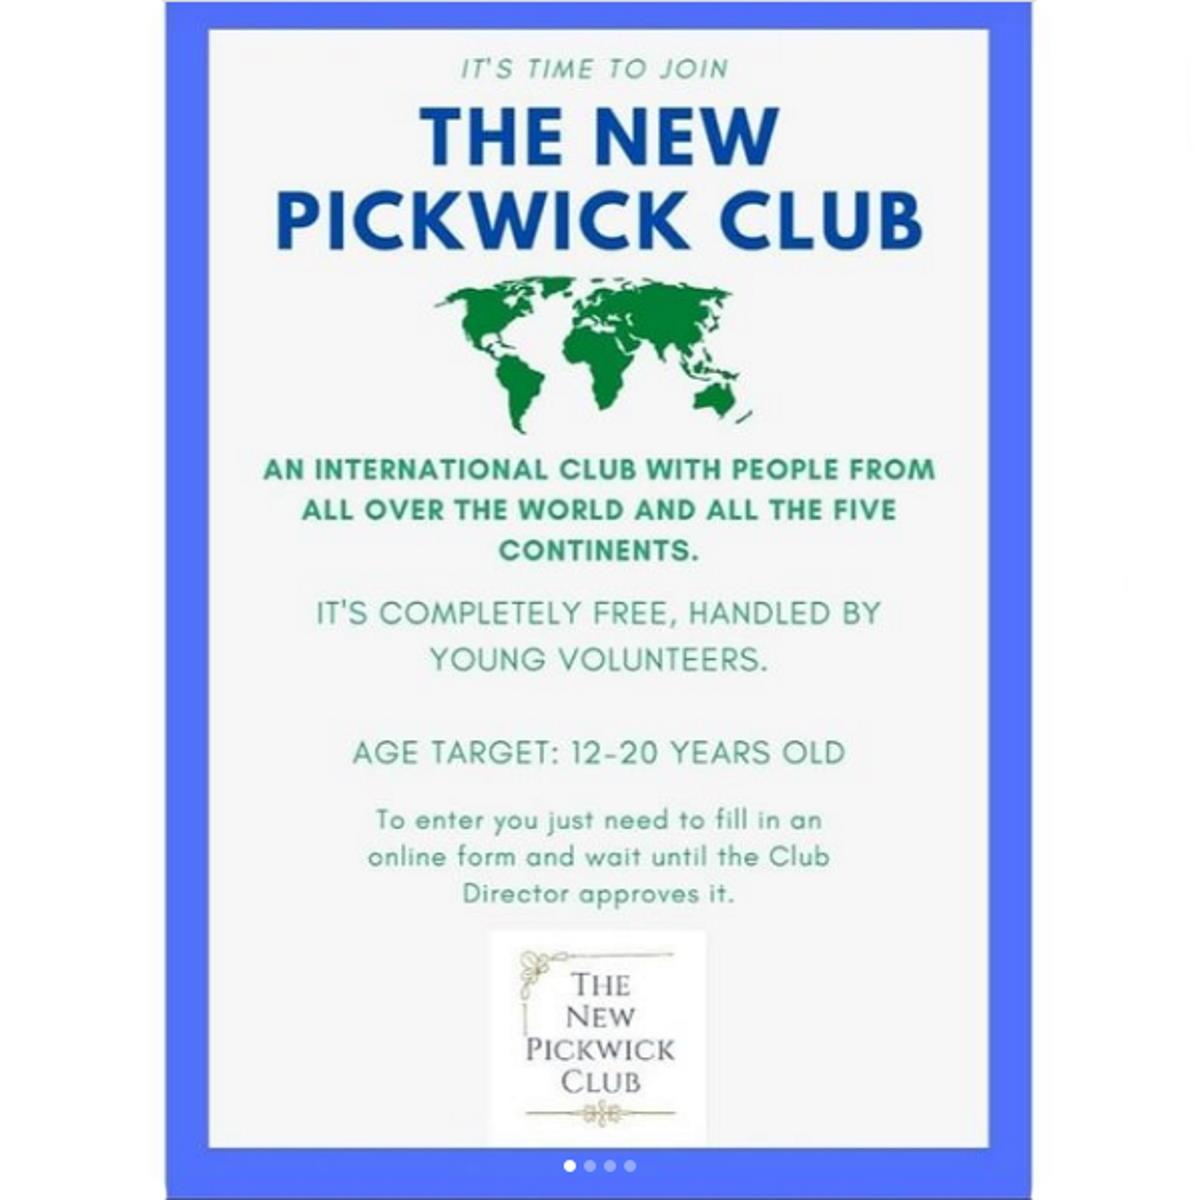 THE NEW PICKWICK CLUB: gruppo culturale internazionale gratuito gestito da giovani volontari